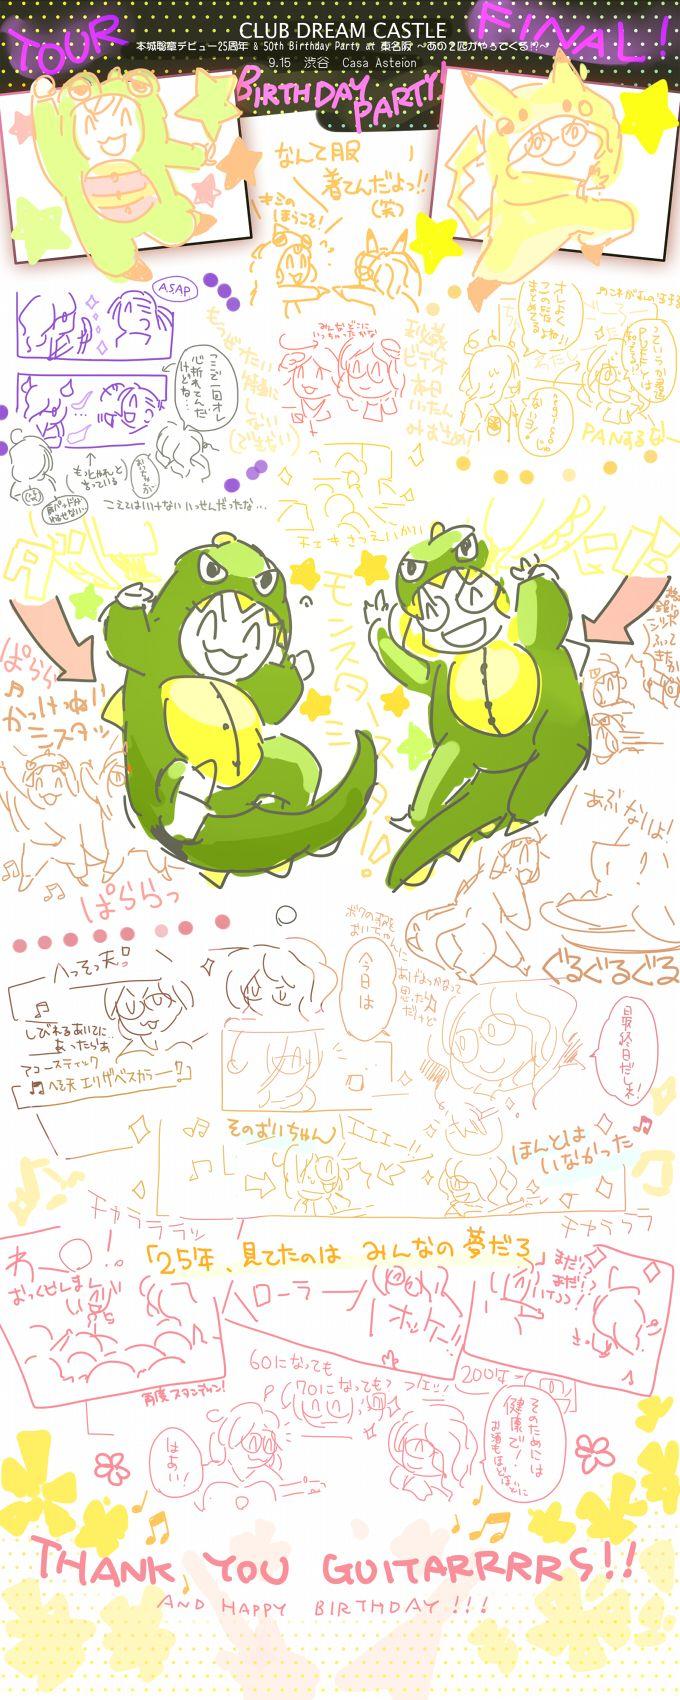 2014/9/15 「club DREAM CASTLE」 本城聡章デビュー25周年 & 50th Birthday Party at 東名阪 ~あの2匹がやってくる!?~@渋谷 Casa Asteion